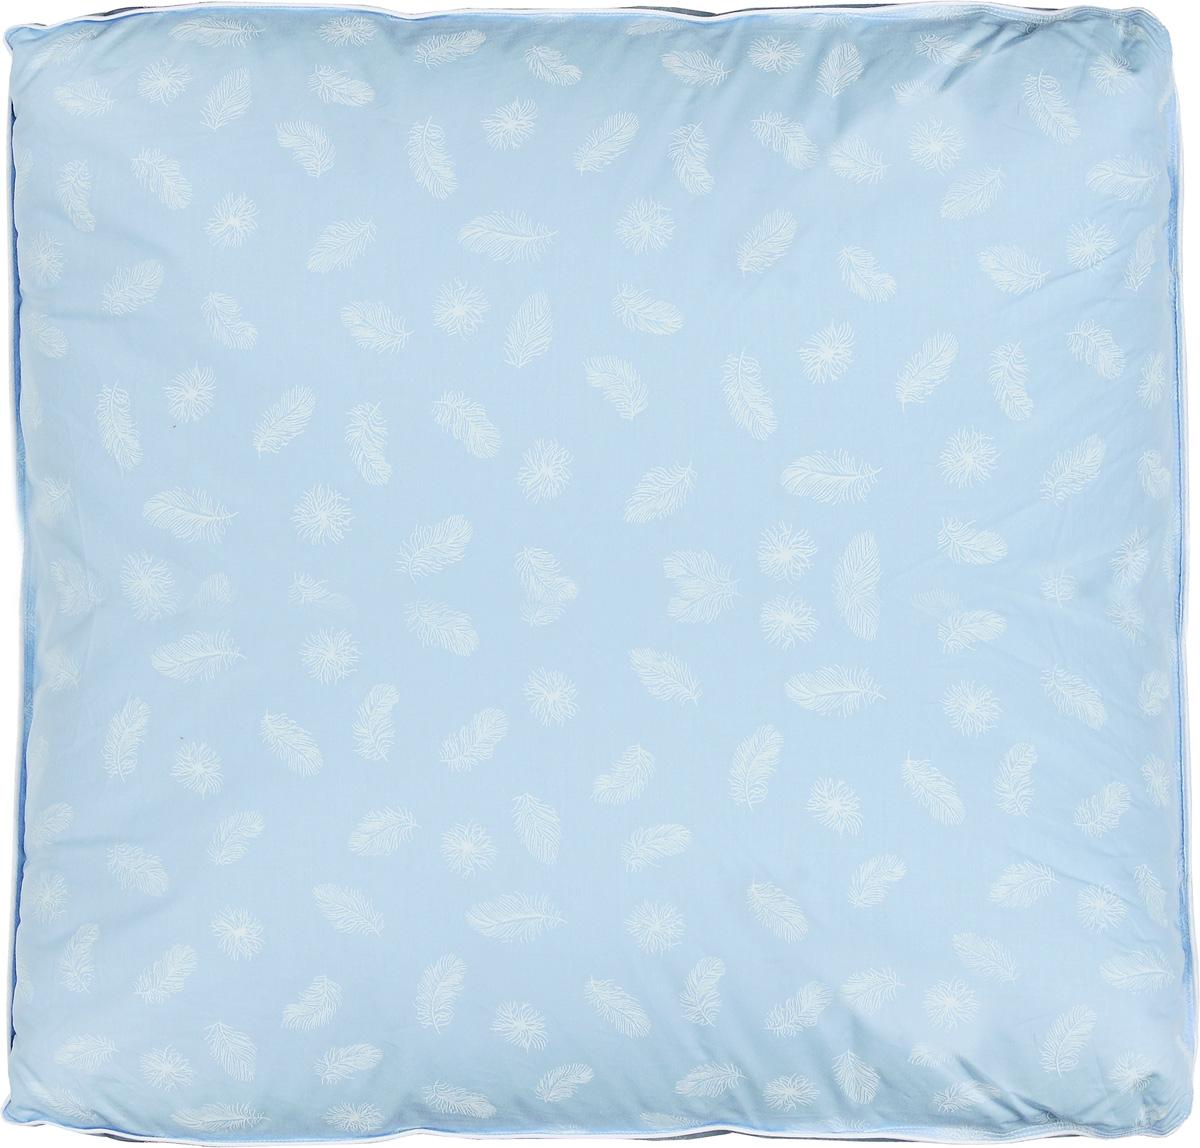 Подушка Легкие сны Донна, наполнитель: гусиный пух второй категории, 68 х 68 см531-105Подушка Легкие сны Донна поможет расслабиться, снимет усталость и подарит вам спокойный и здоровый сон. Наполнителем этой подушки является воздушный и легкий гусиный пух второй категории. Чехол выполнен из гладкого, шелковистого и при этом достаточно прочного тика (100% хлопка). По краю подушки выполнена отделка кантом. Это отличный вариант для подарка себе и своим близким и любимым.Степень поддержки: упругая.Рекомендации по уходу:Деликатная стирка при температуре воды до 30°С.Отбеливание, барабанная сушка и глажка запрещены.Разрешается обычная химчистка.